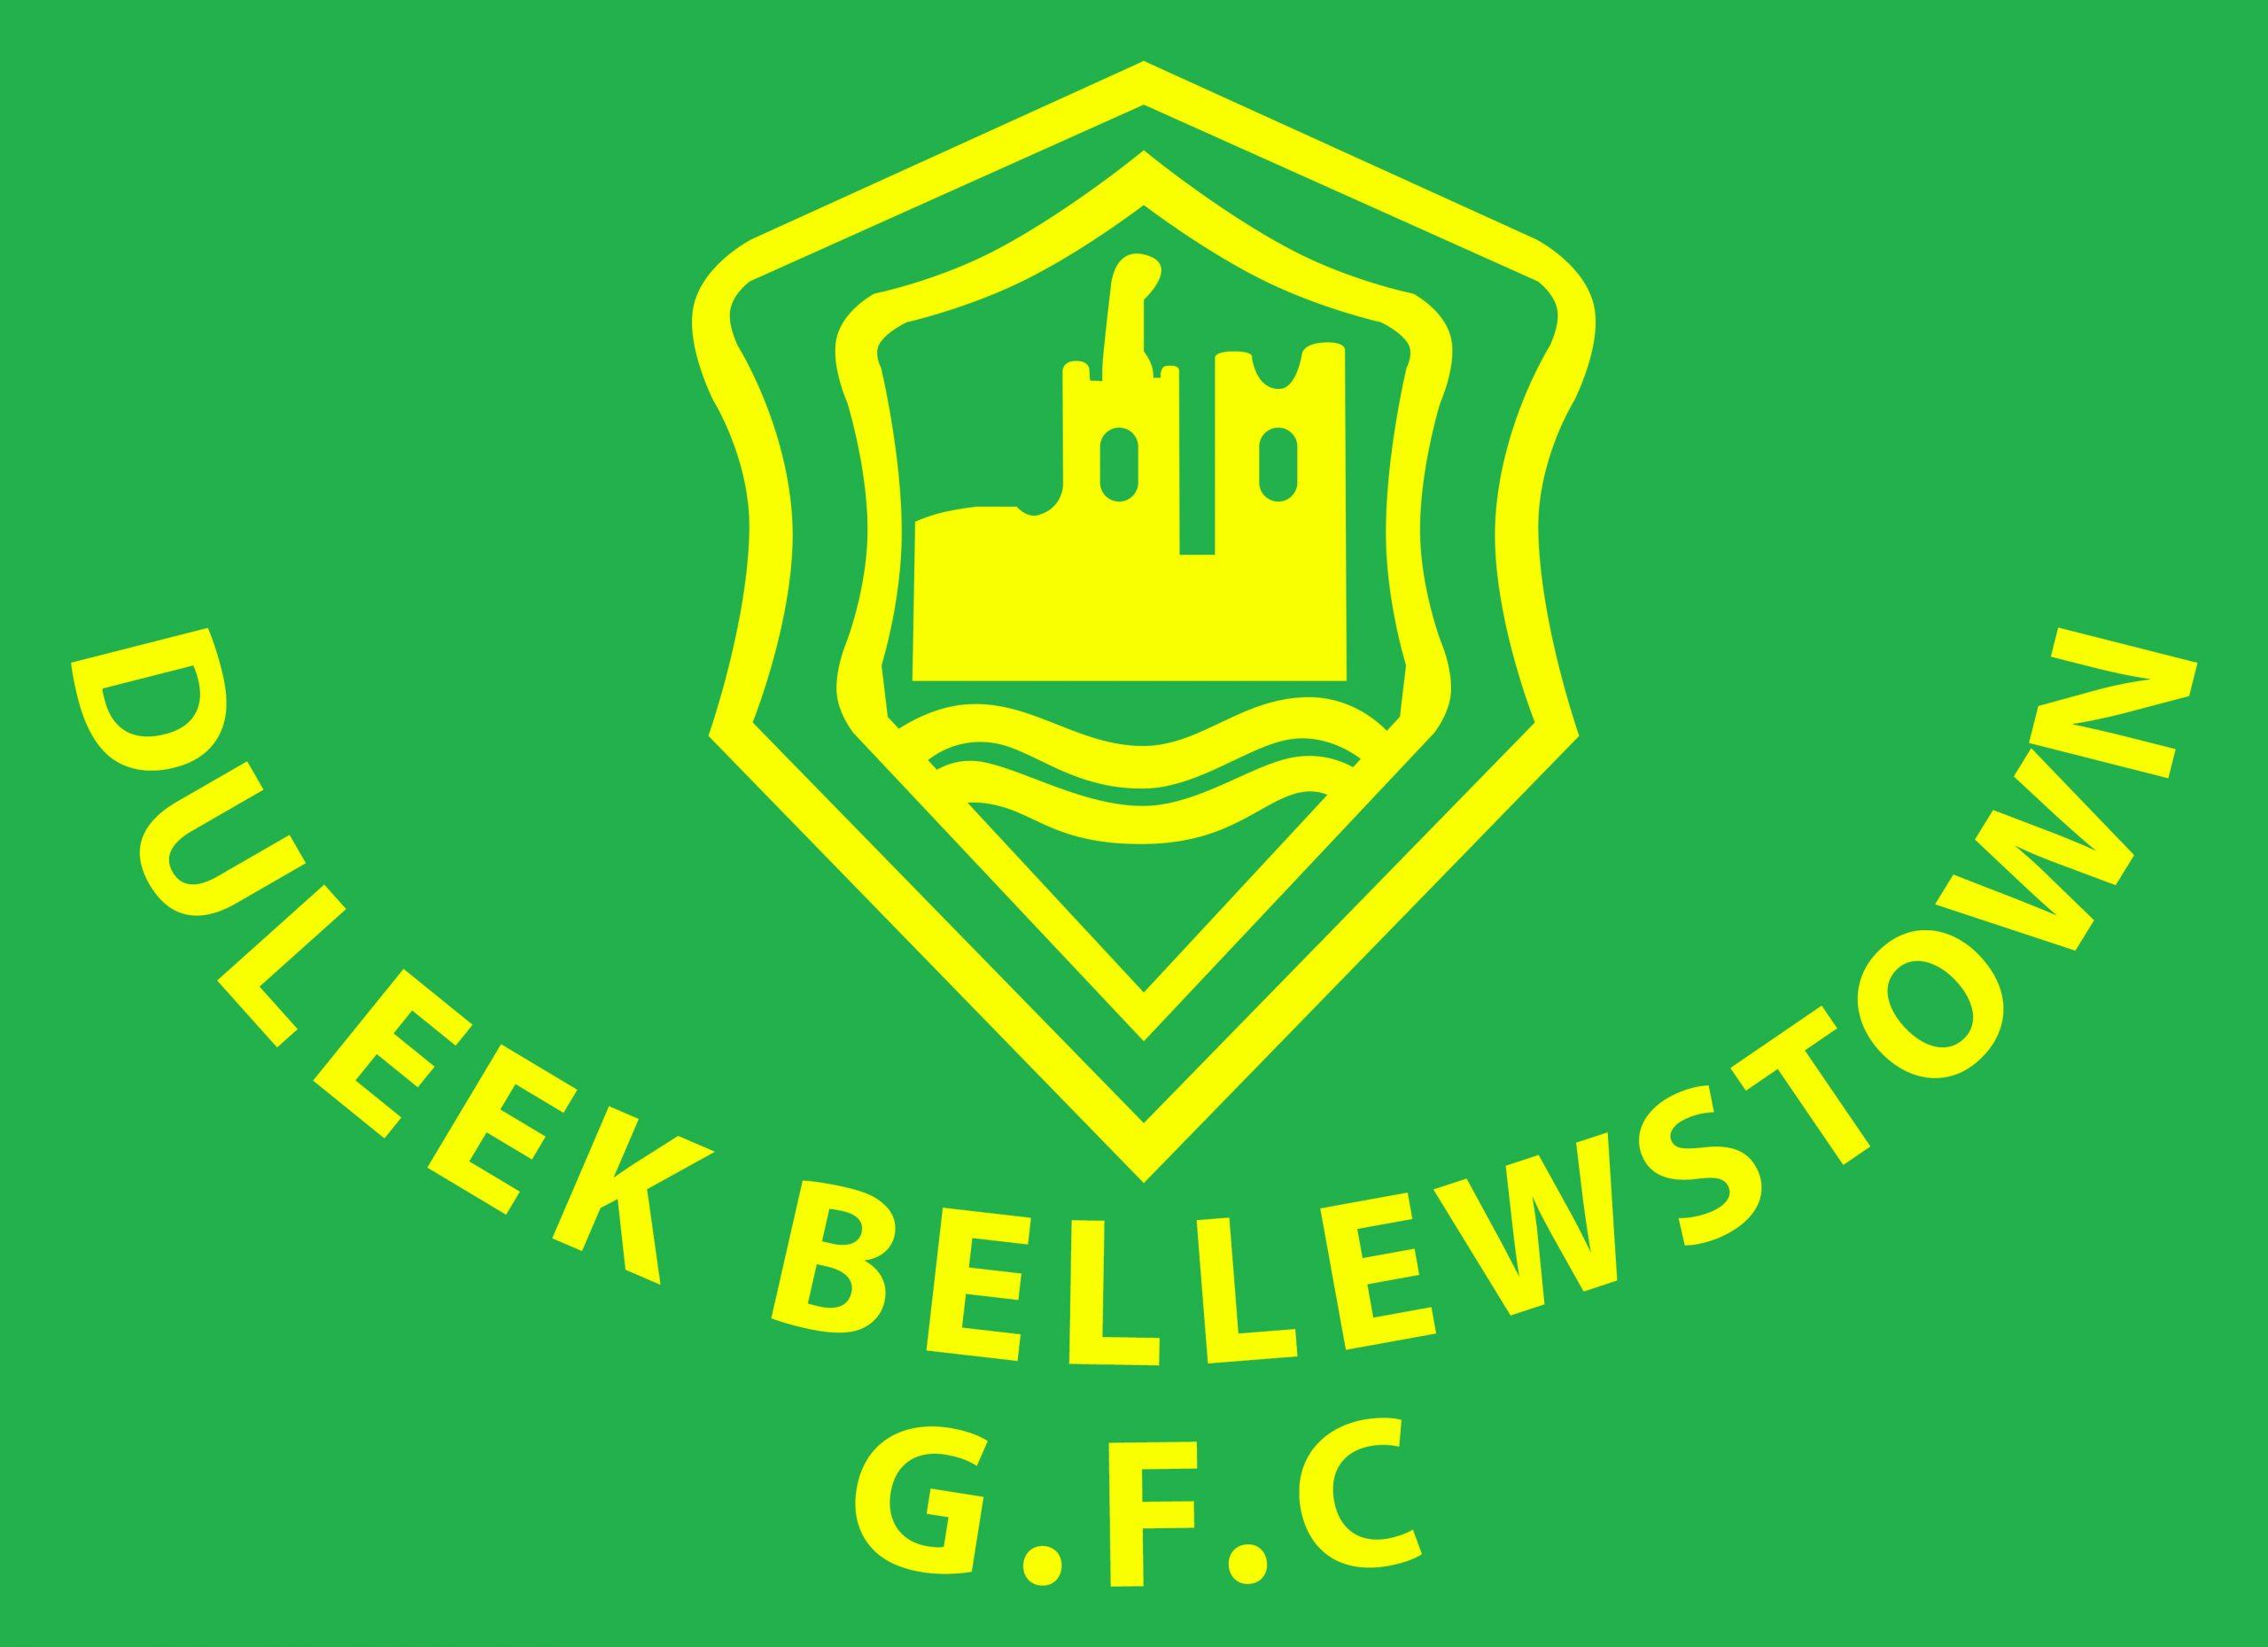 Duleek / Bellewstown